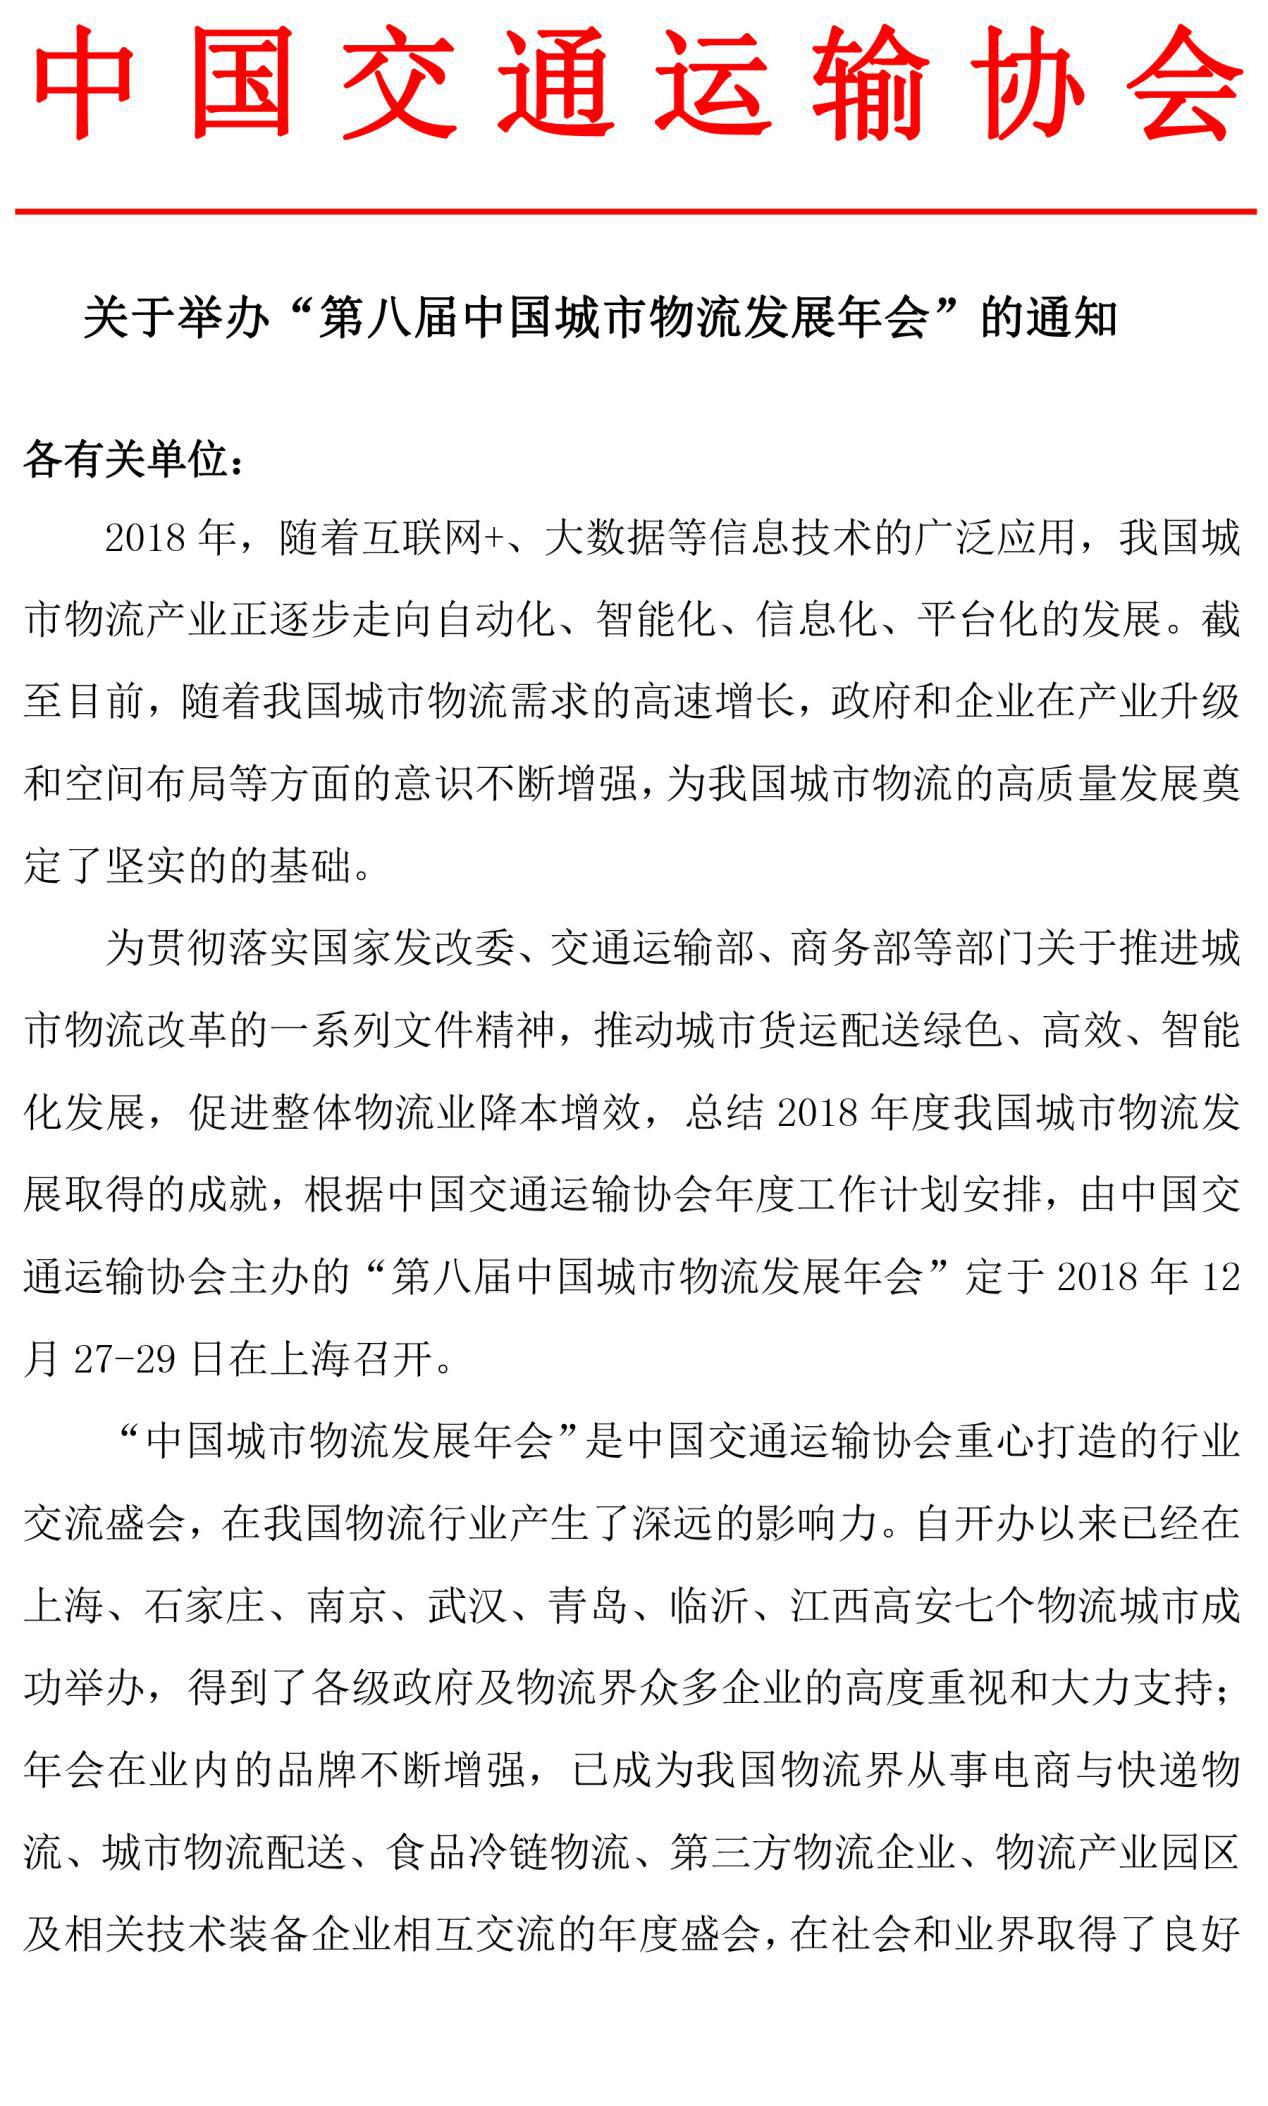 关于召开2018第八届中国城市物流发展年会的通知